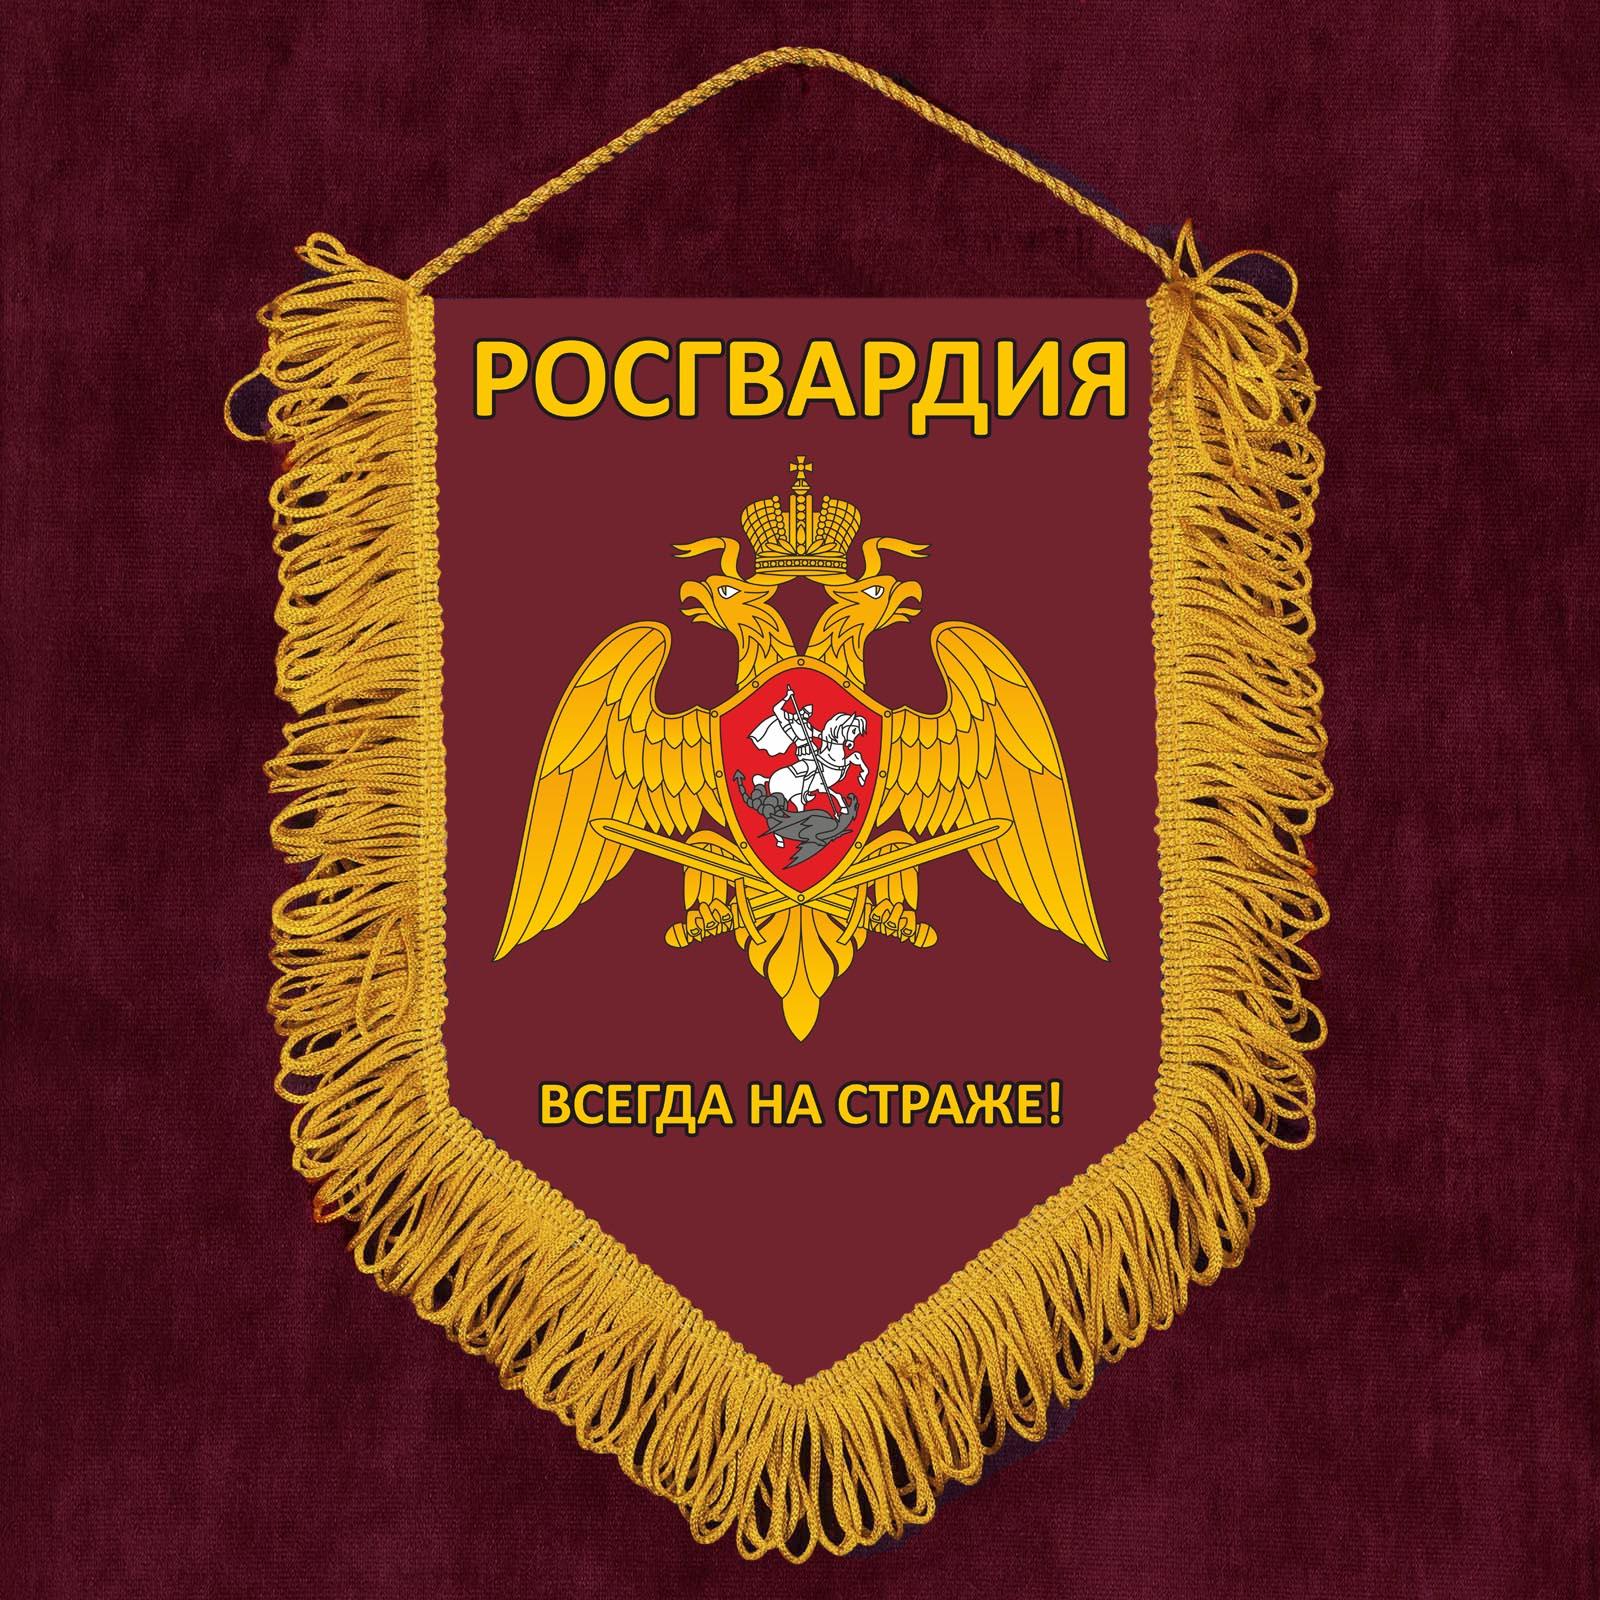 Сувенирный вымпел Росгвардия с девизом